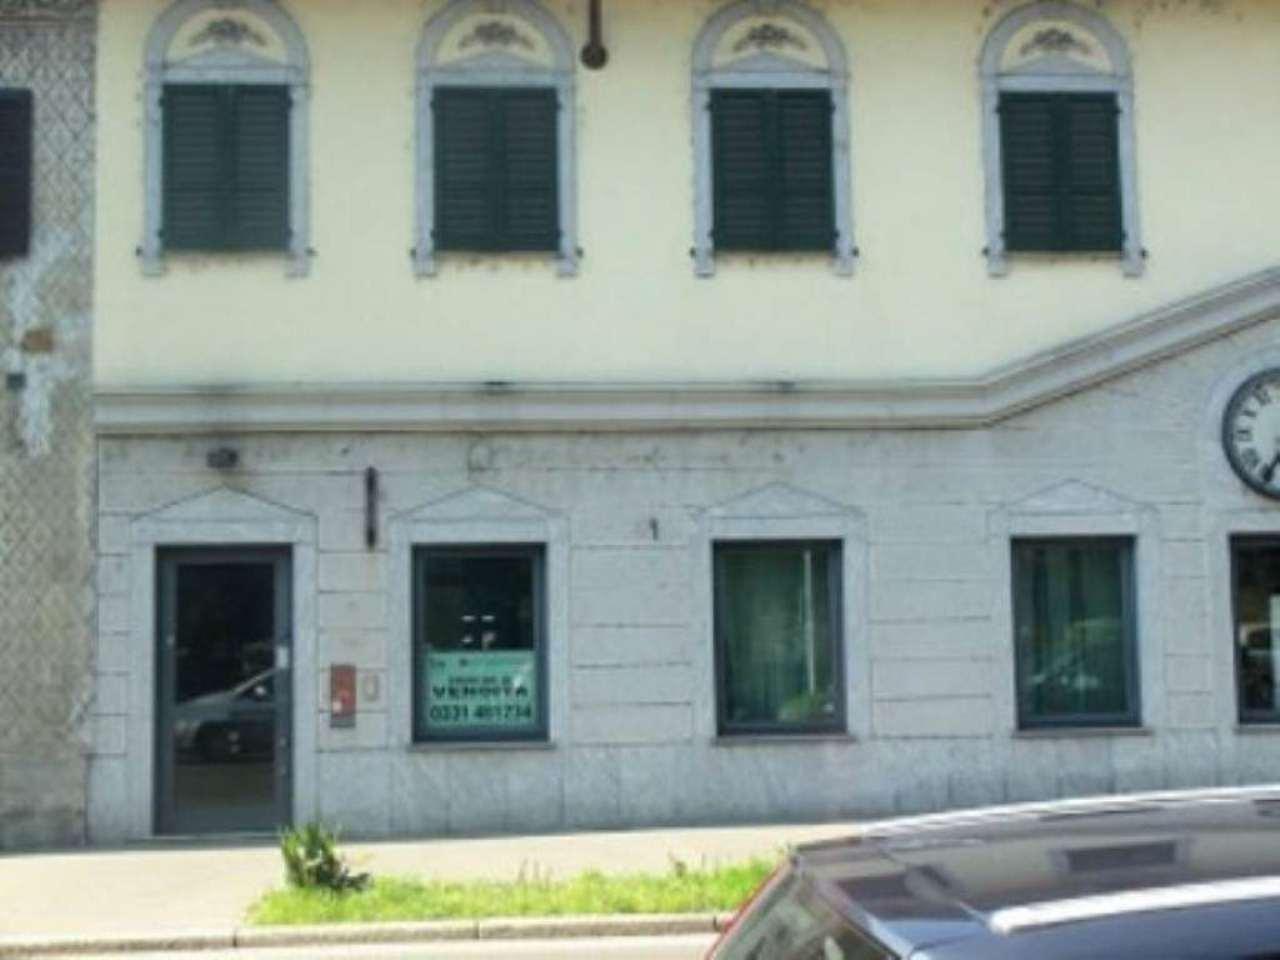 Negozio / Locale in vendita a Castellanza, 1 locali, prezzo € 610.000   PortaleAgenzieImmobiliari.it